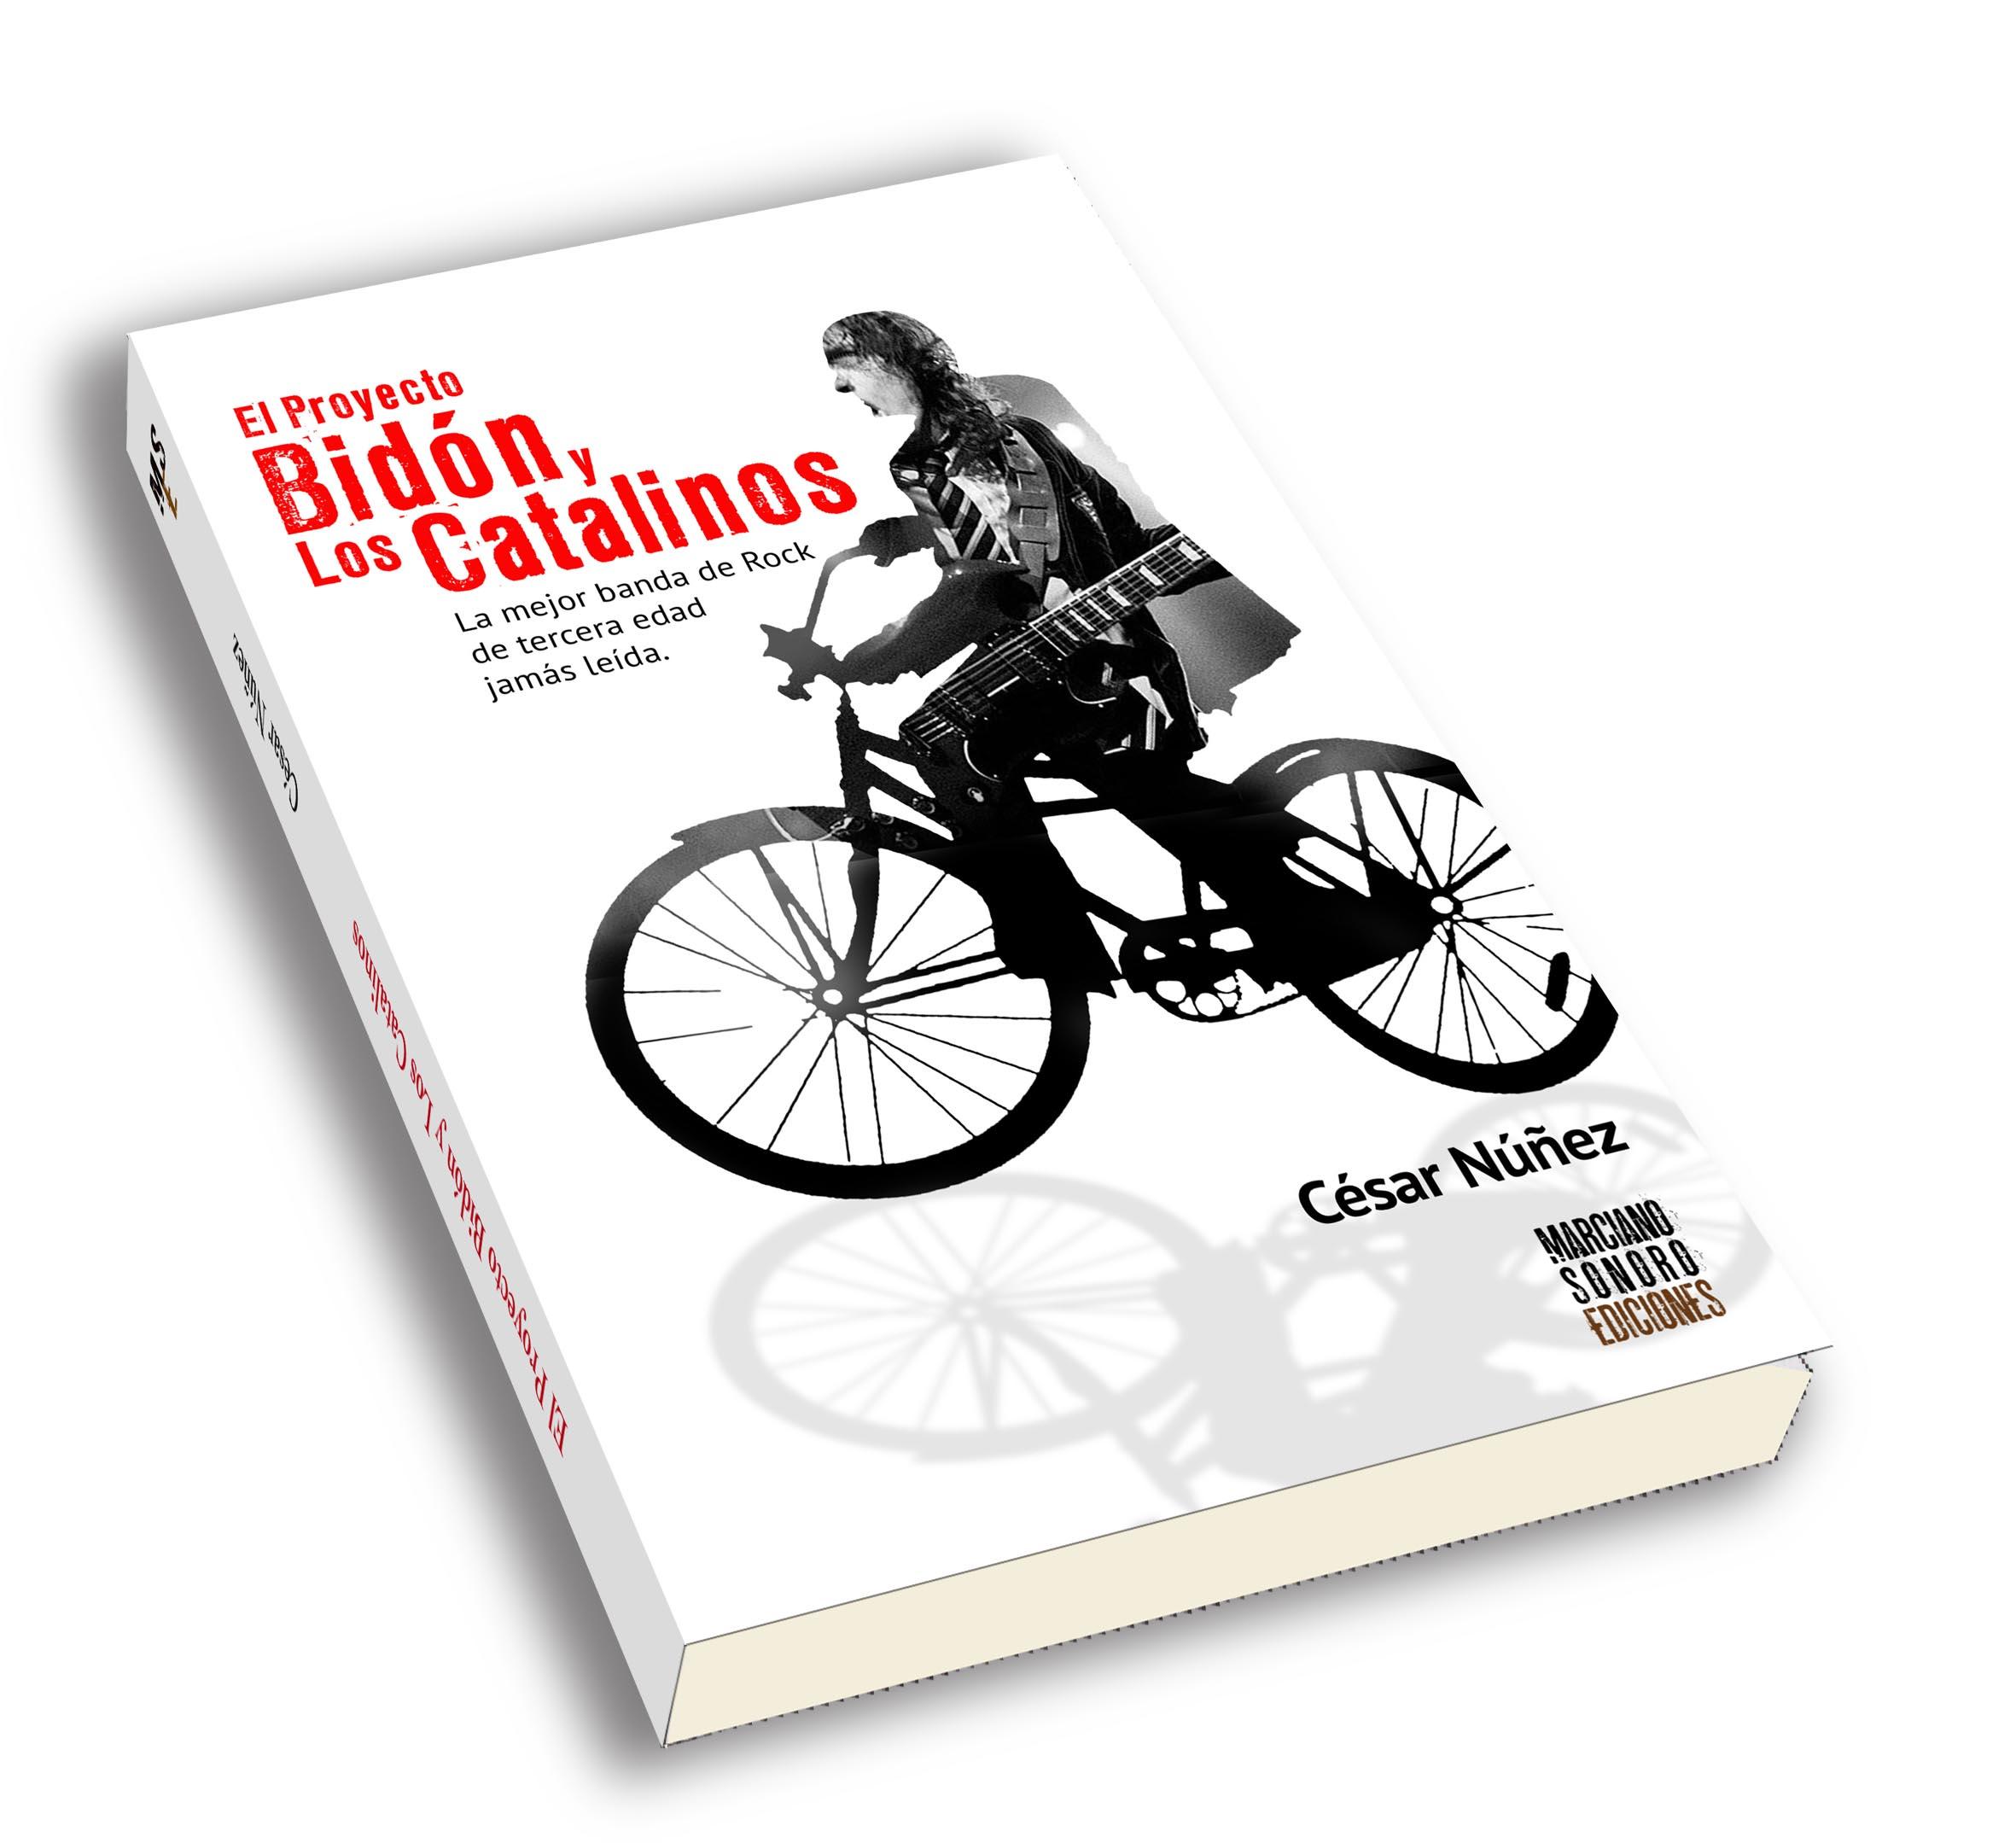 El Proyecto Bidón y Los Catalinos